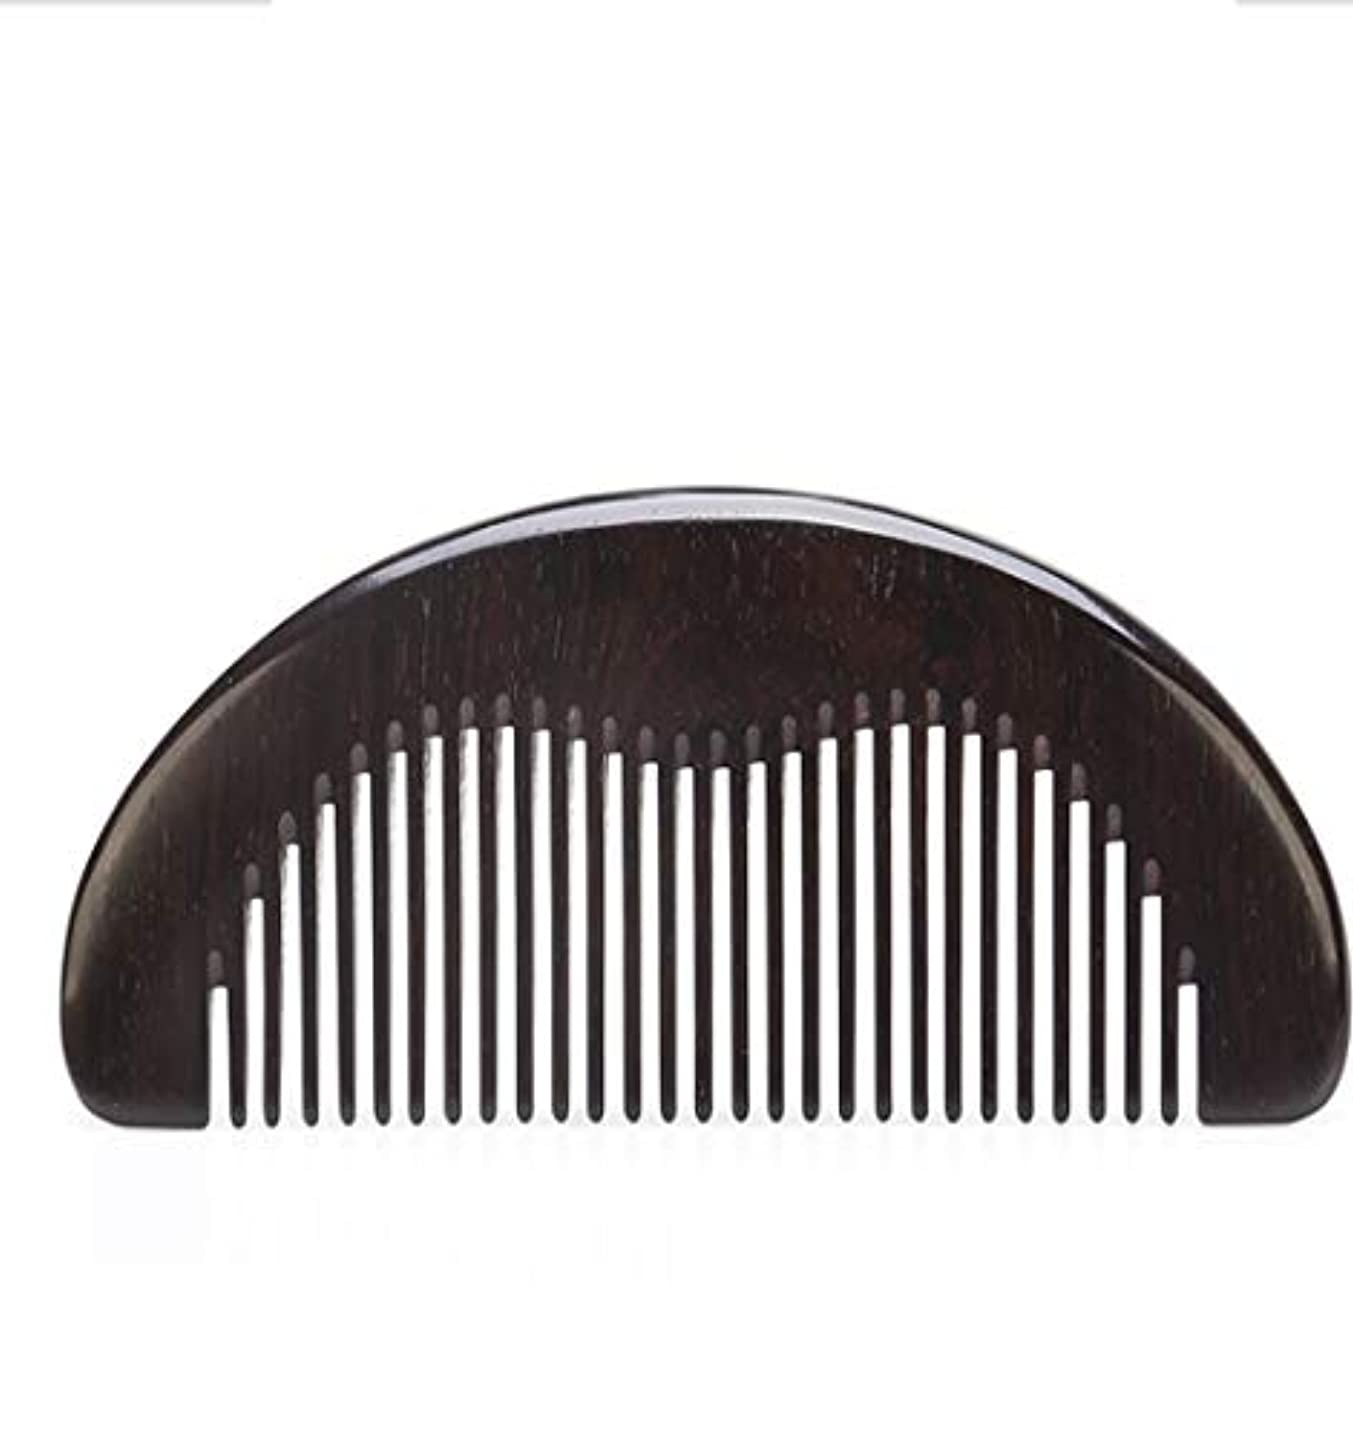 摂氏窒素ショッピングセンターふくらんでいない新しい大きな高密度の歯、髪の櫛を傷つけないでください ヘアケア (色 : C)